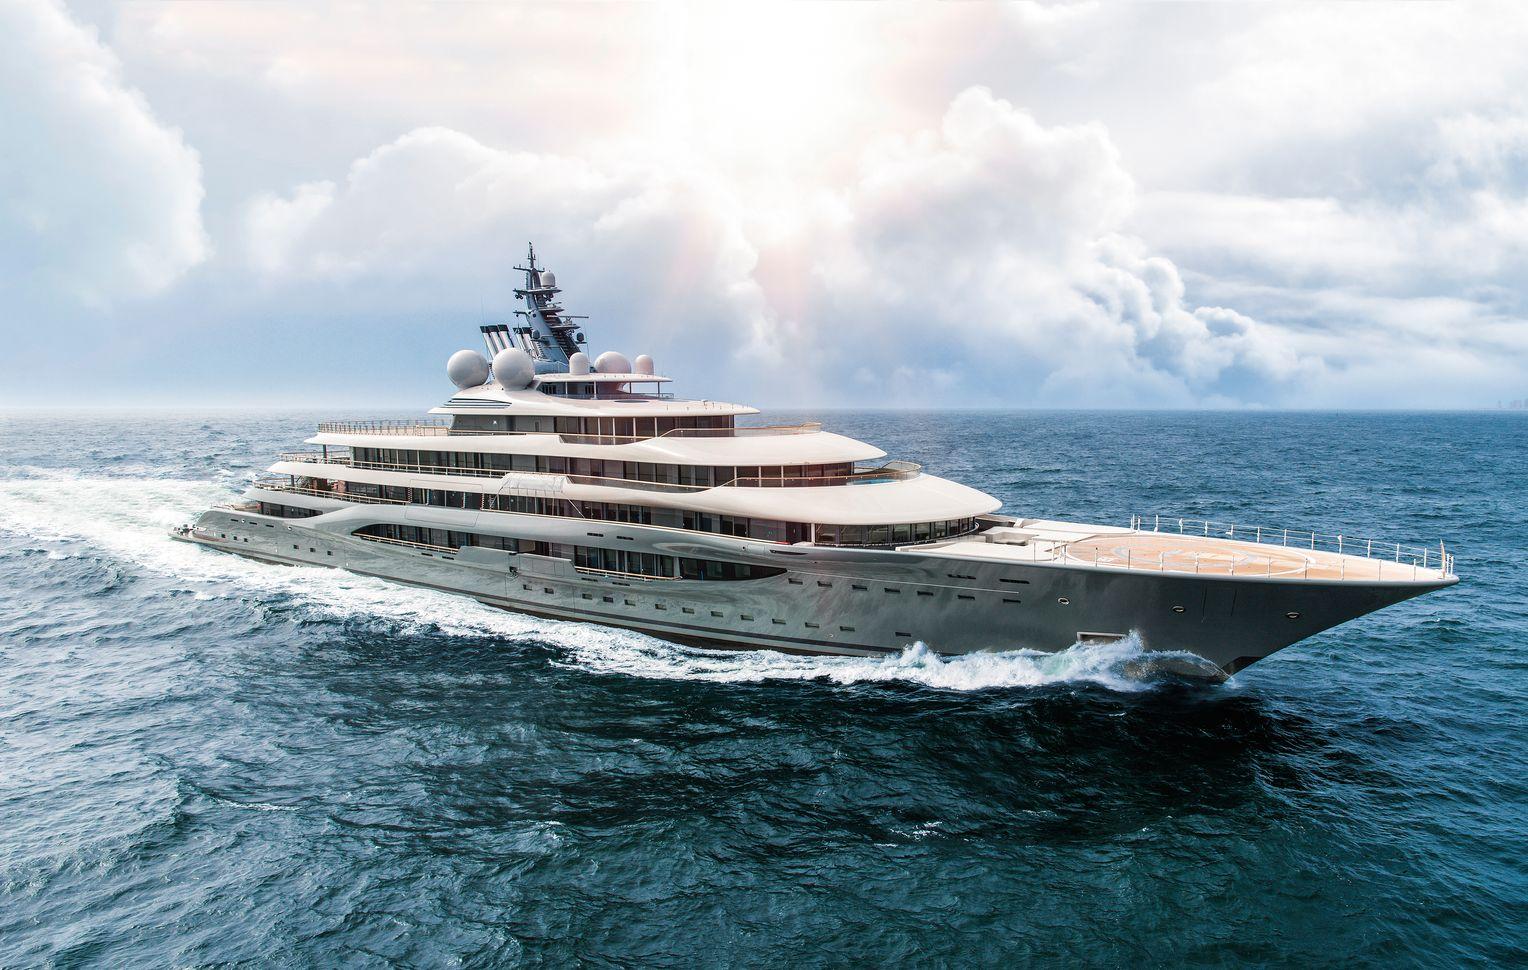 Dilbar Yacht Preis